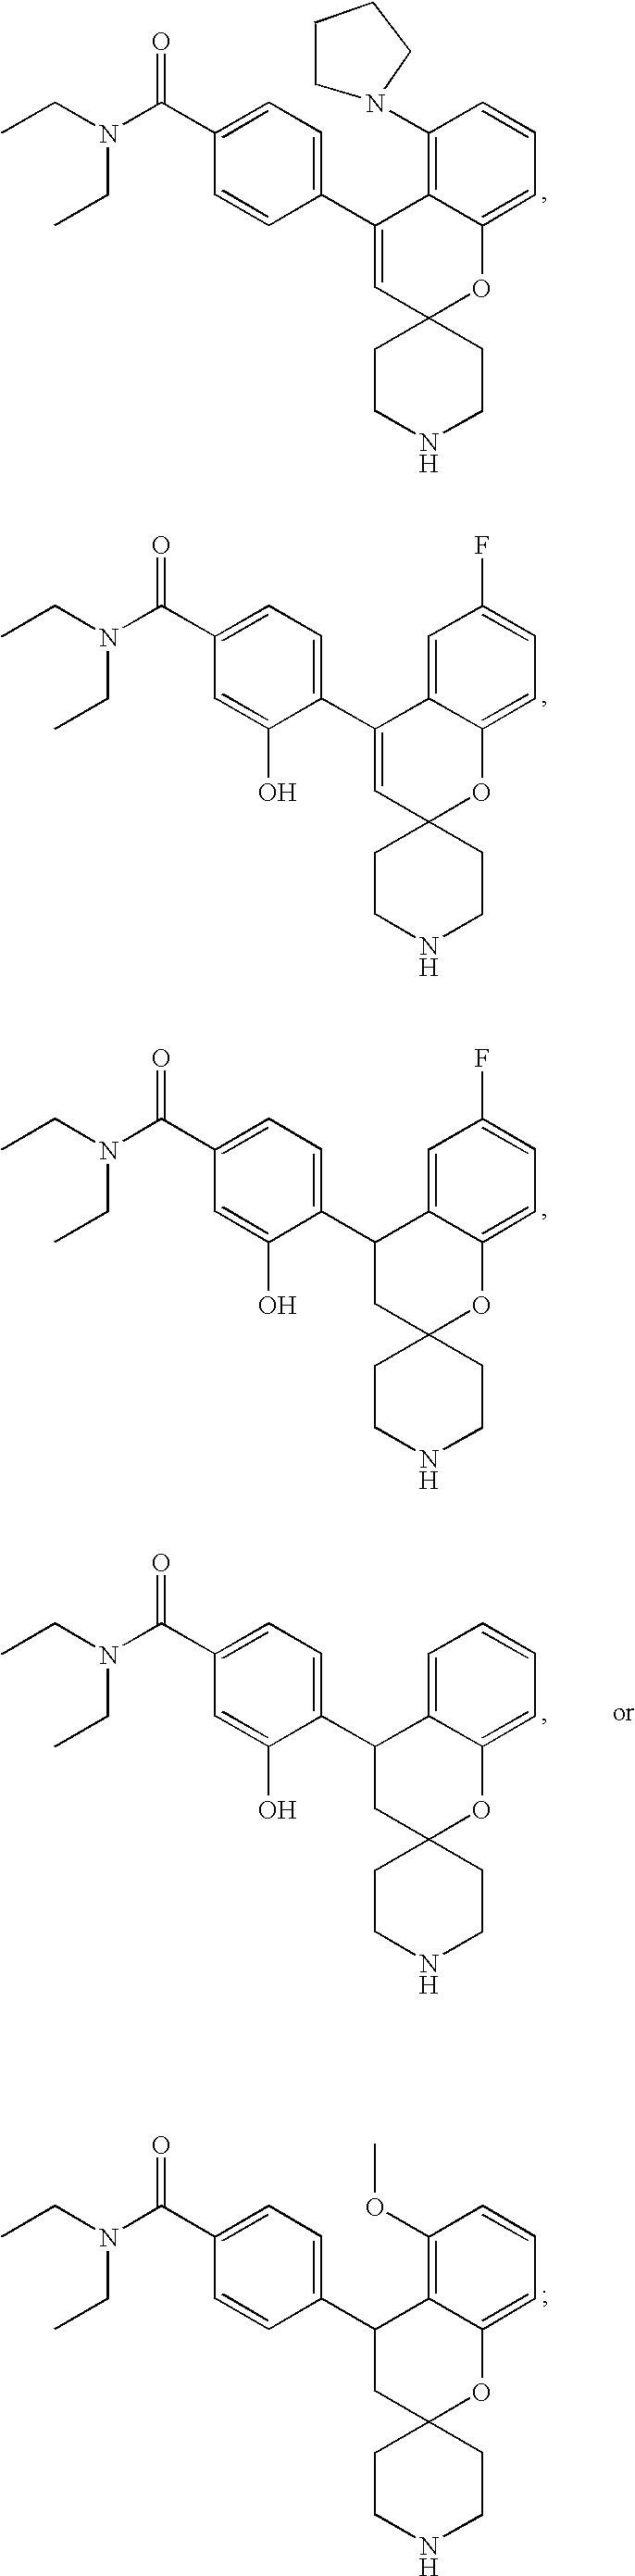 Figure US07598261-20091006-C00072